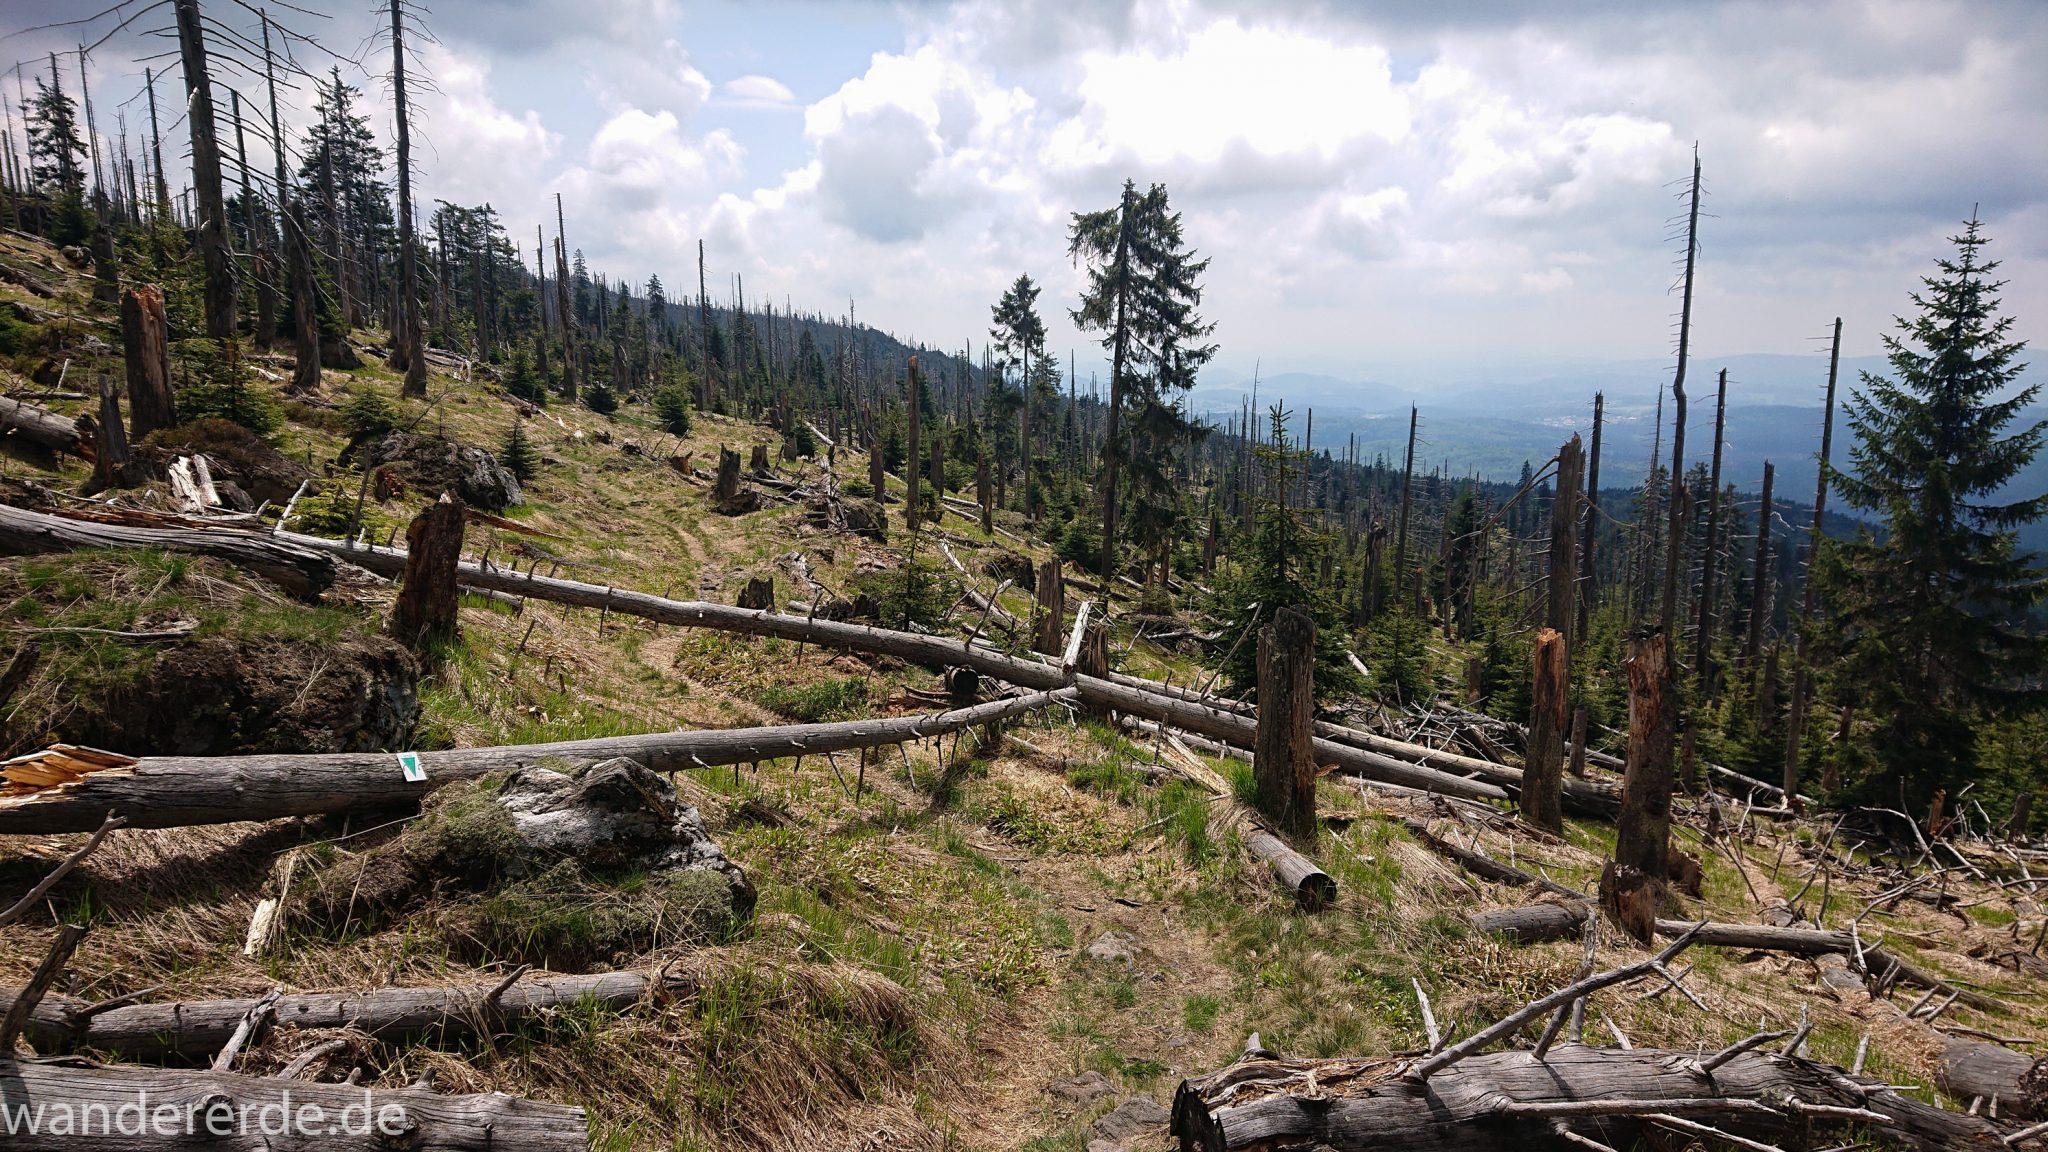 Wanderung Großer Rachel im Nationalpark Bayerischer Wald, Start Parkplatz Oberfrauenau, abwechslungsreicher Wanderweg, schmaler Pfad, umgefallene Bäume werden liegen gelassen, Zerstörung einiger Waldgebiete durch den Borkenkäfer, weite Aussicht auf großes Waldgebiet